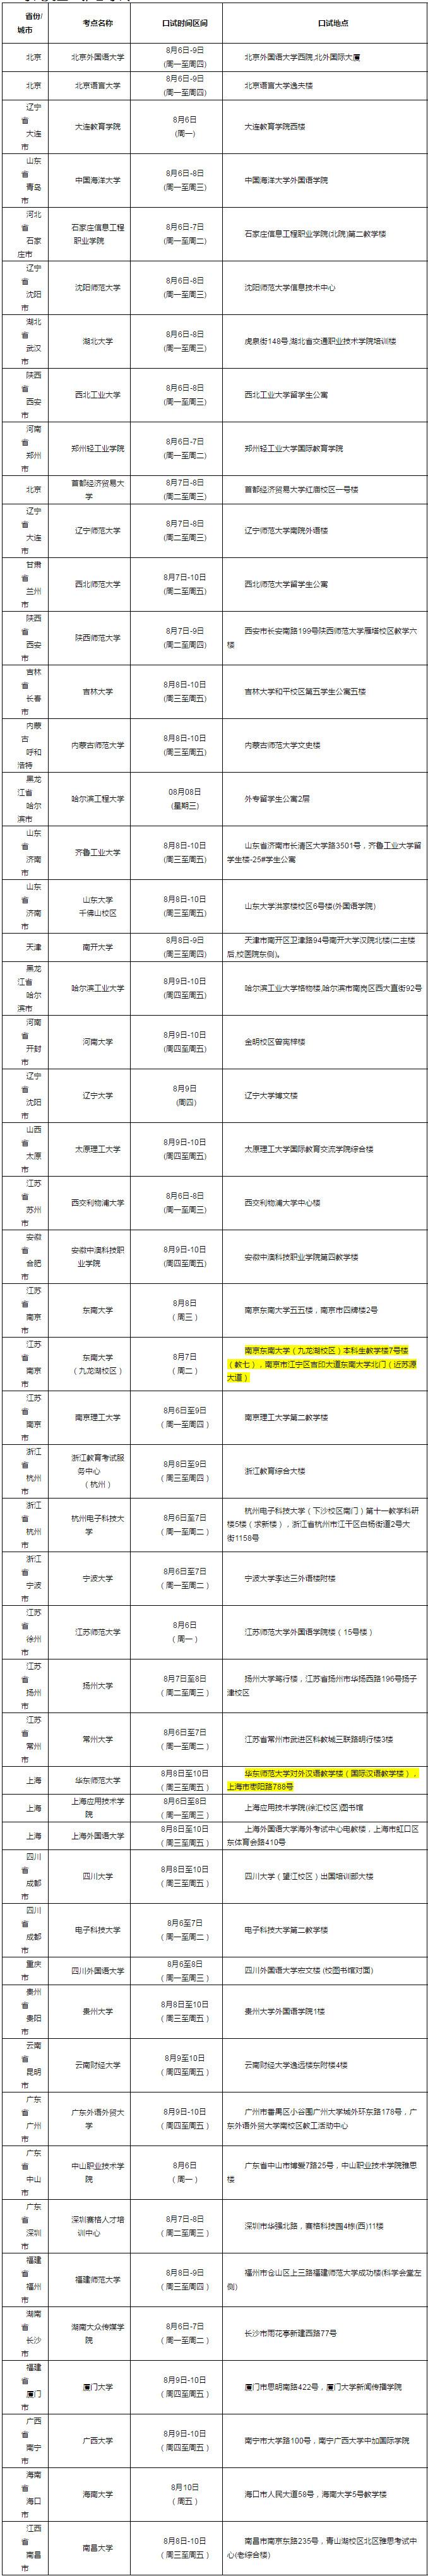 2018年8月11日雅思口语考试安排